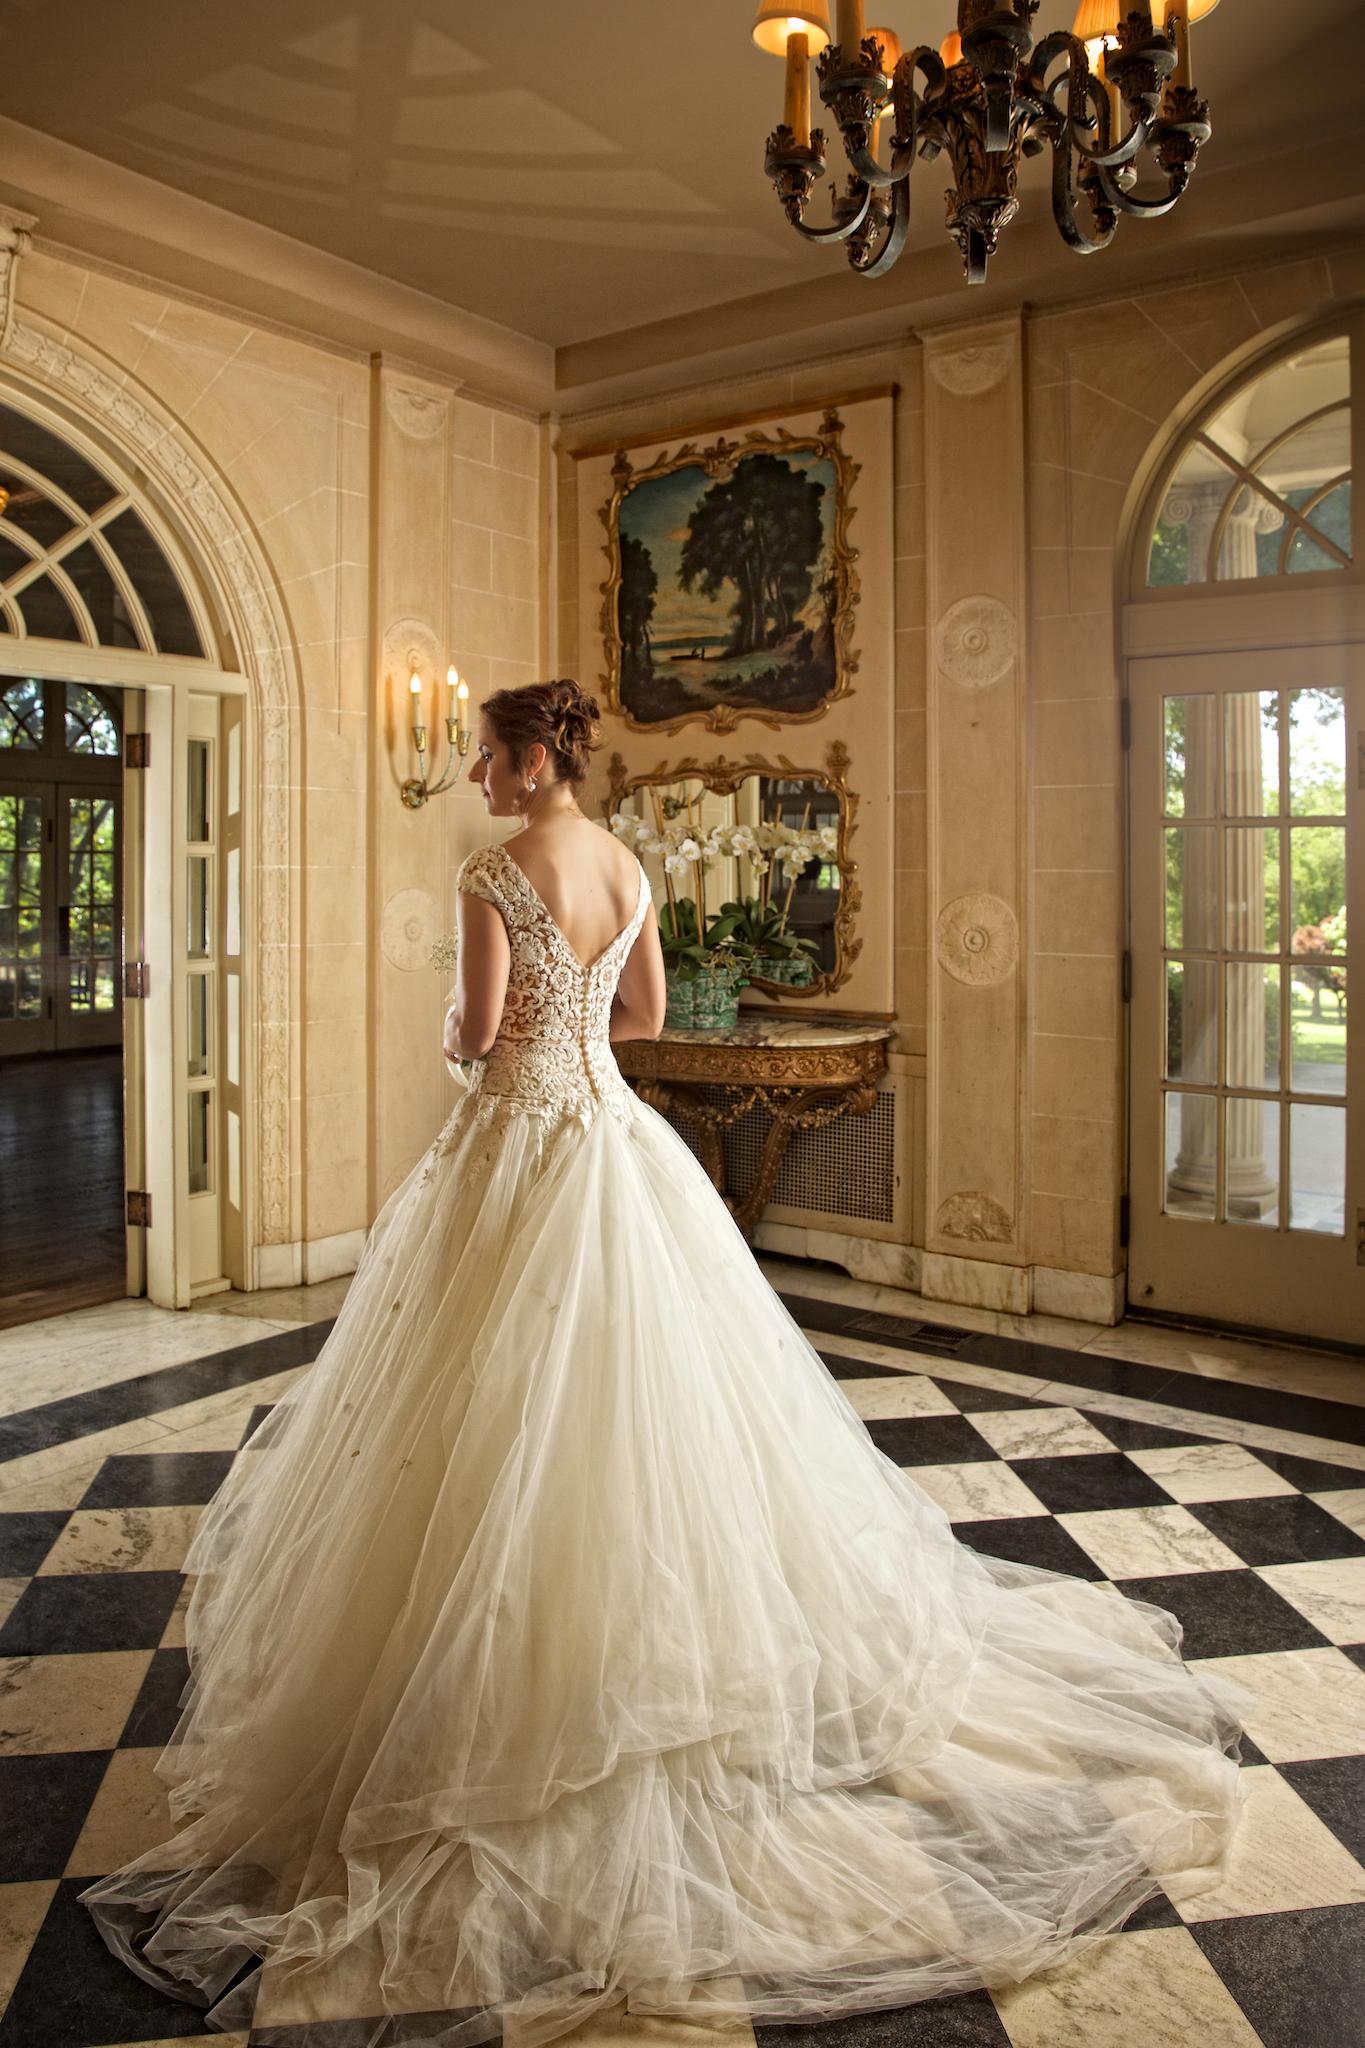 Resolusean - Tulsa wedding photography - Wedding on a budget